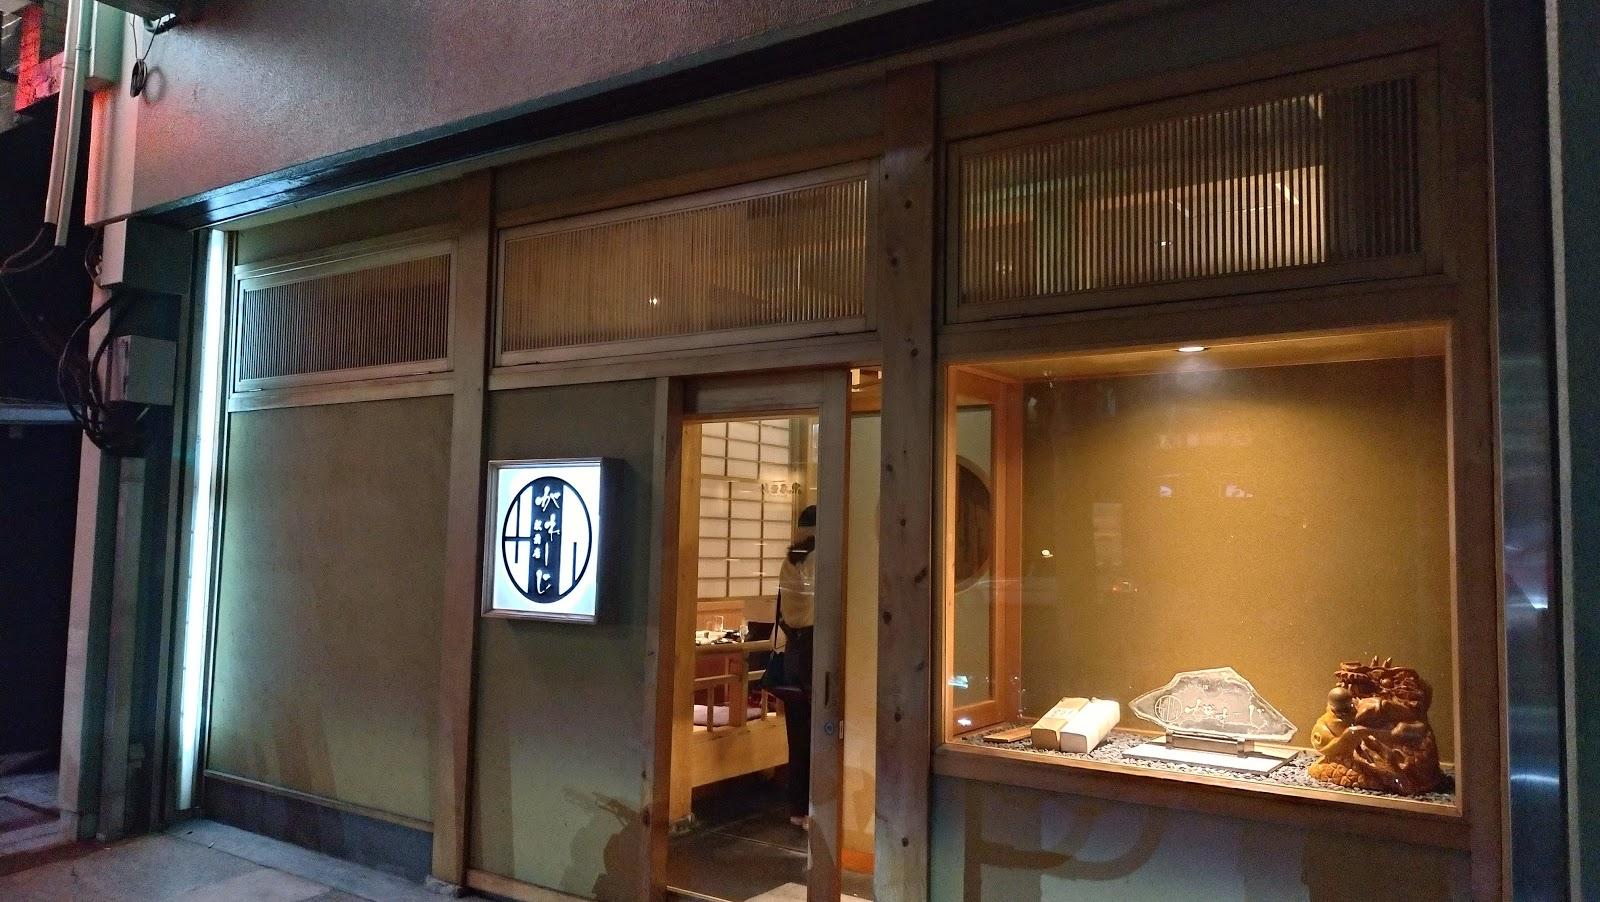 長崎駅前の美味しいおすすめ居酒屋をご案内します!魚河岸がれーじ駅前店外観